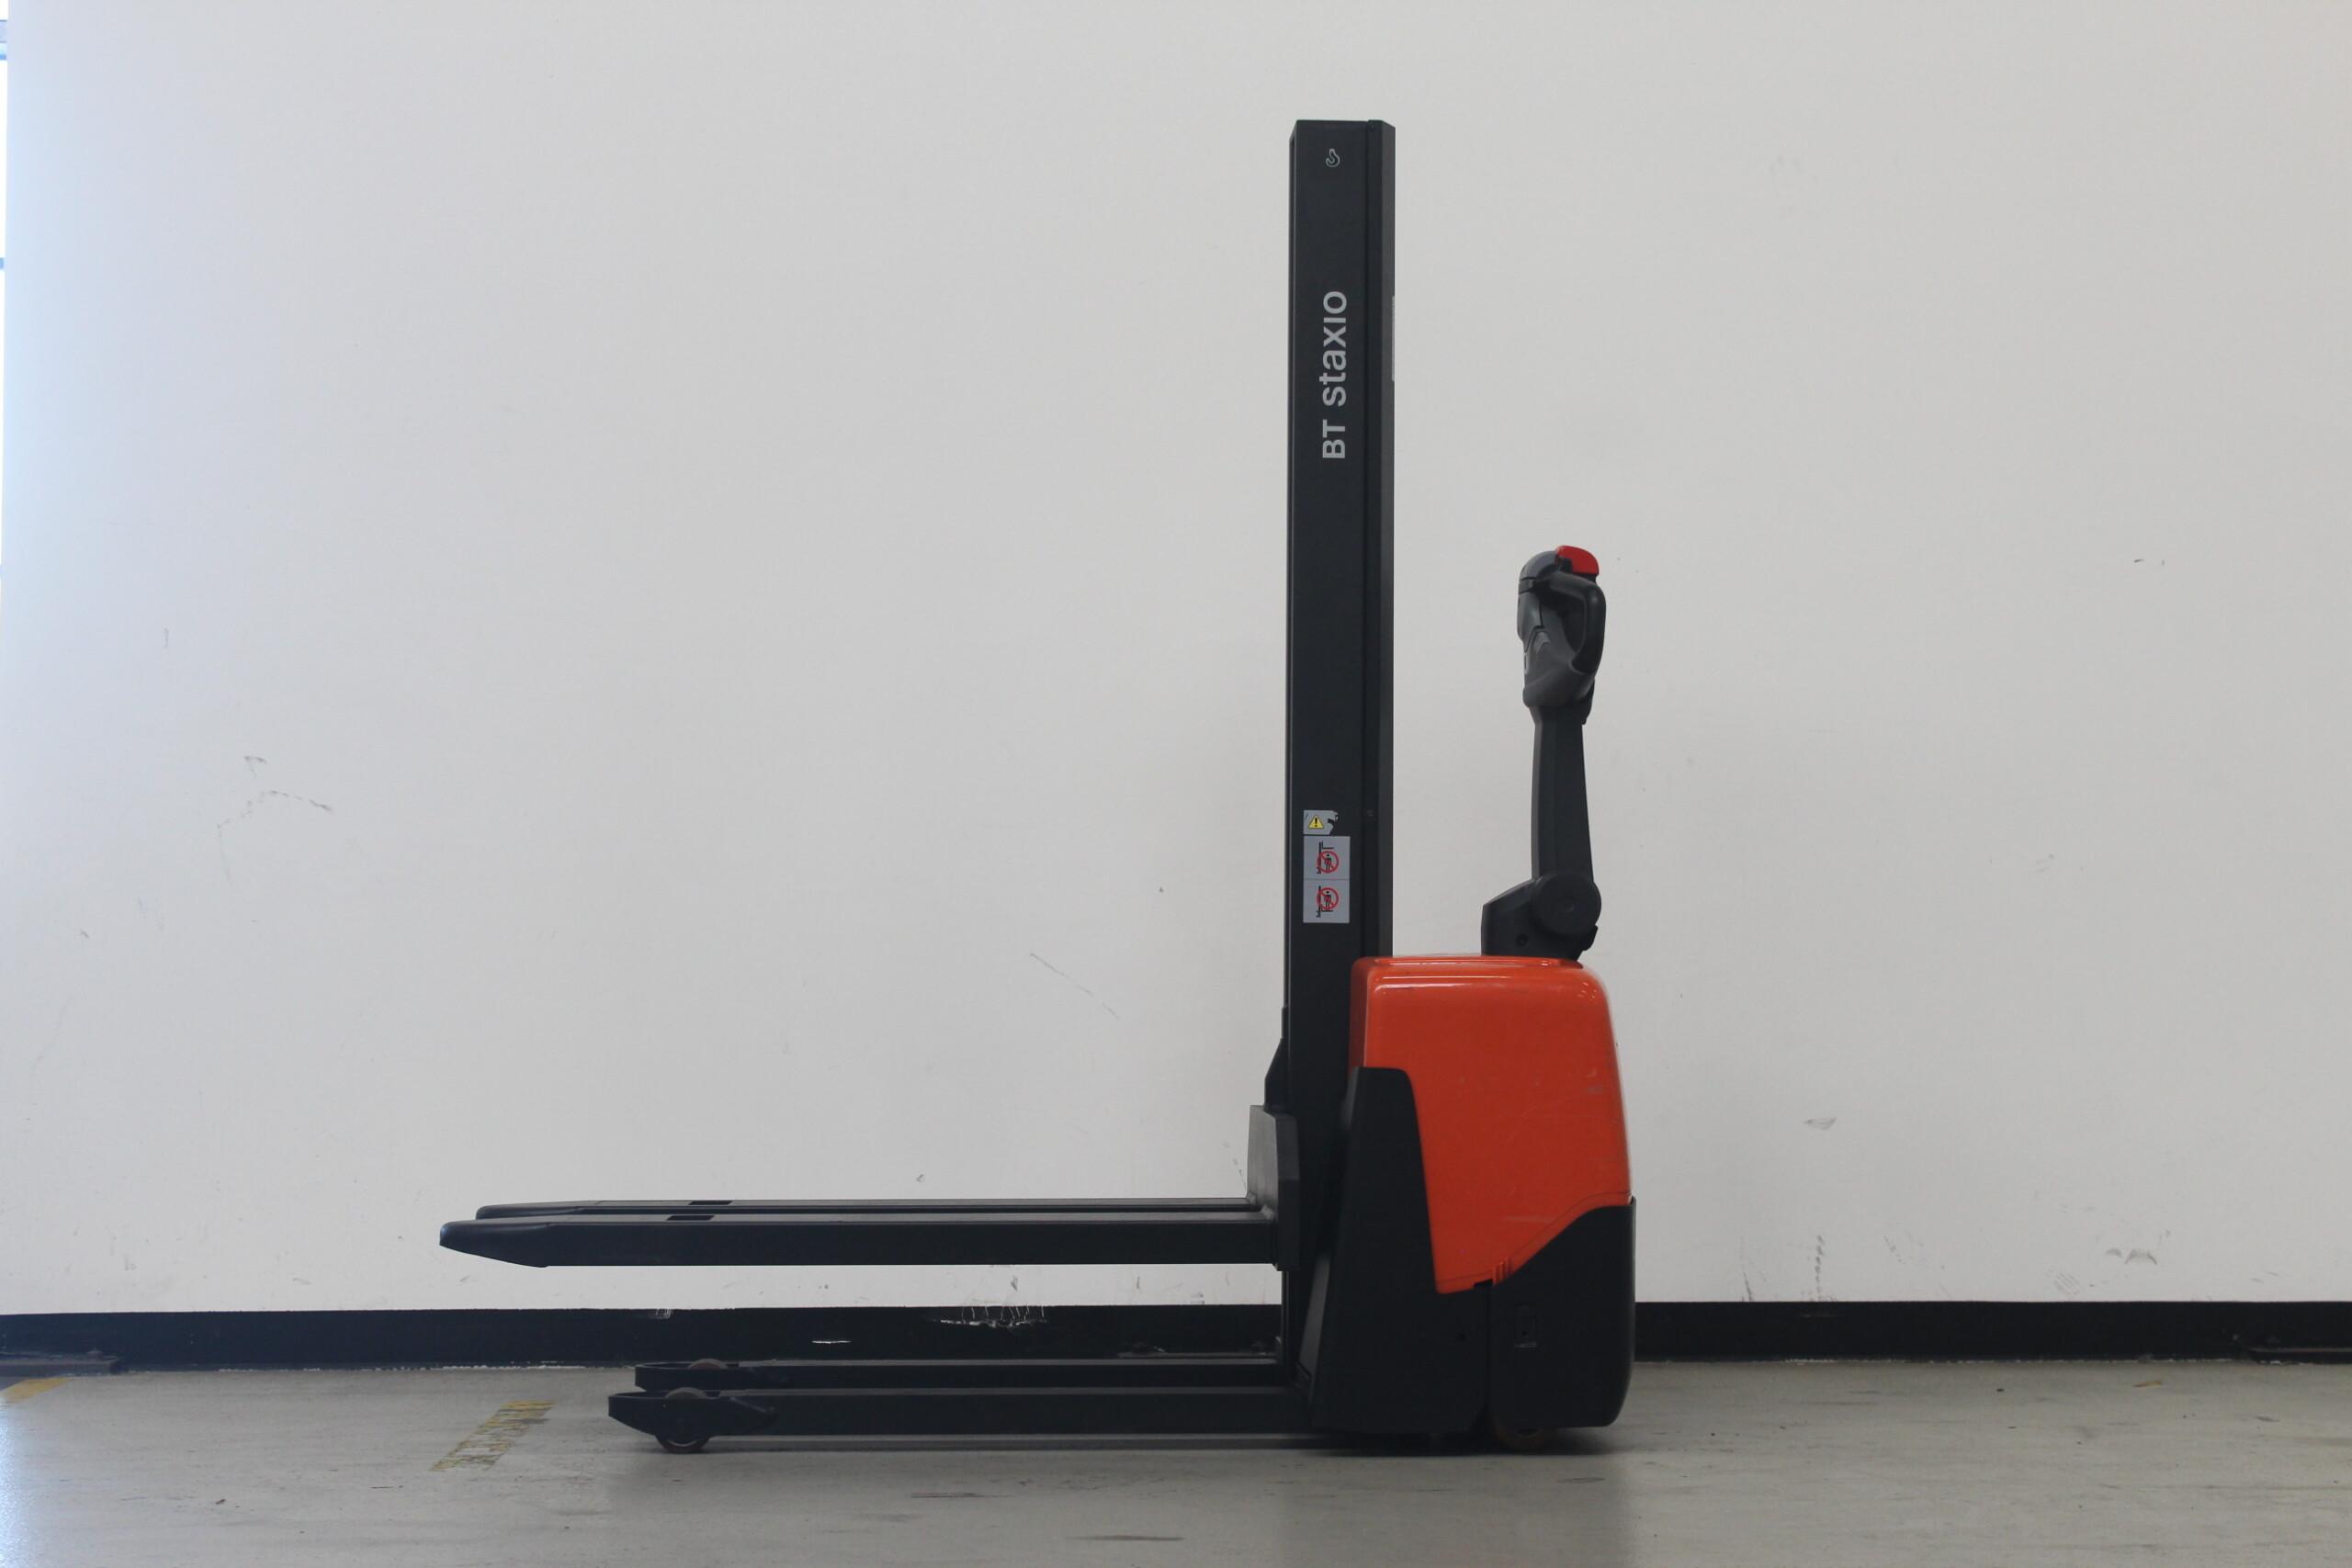 Toyota-Gabelstapler-59840 1805024986 1 4 scaled